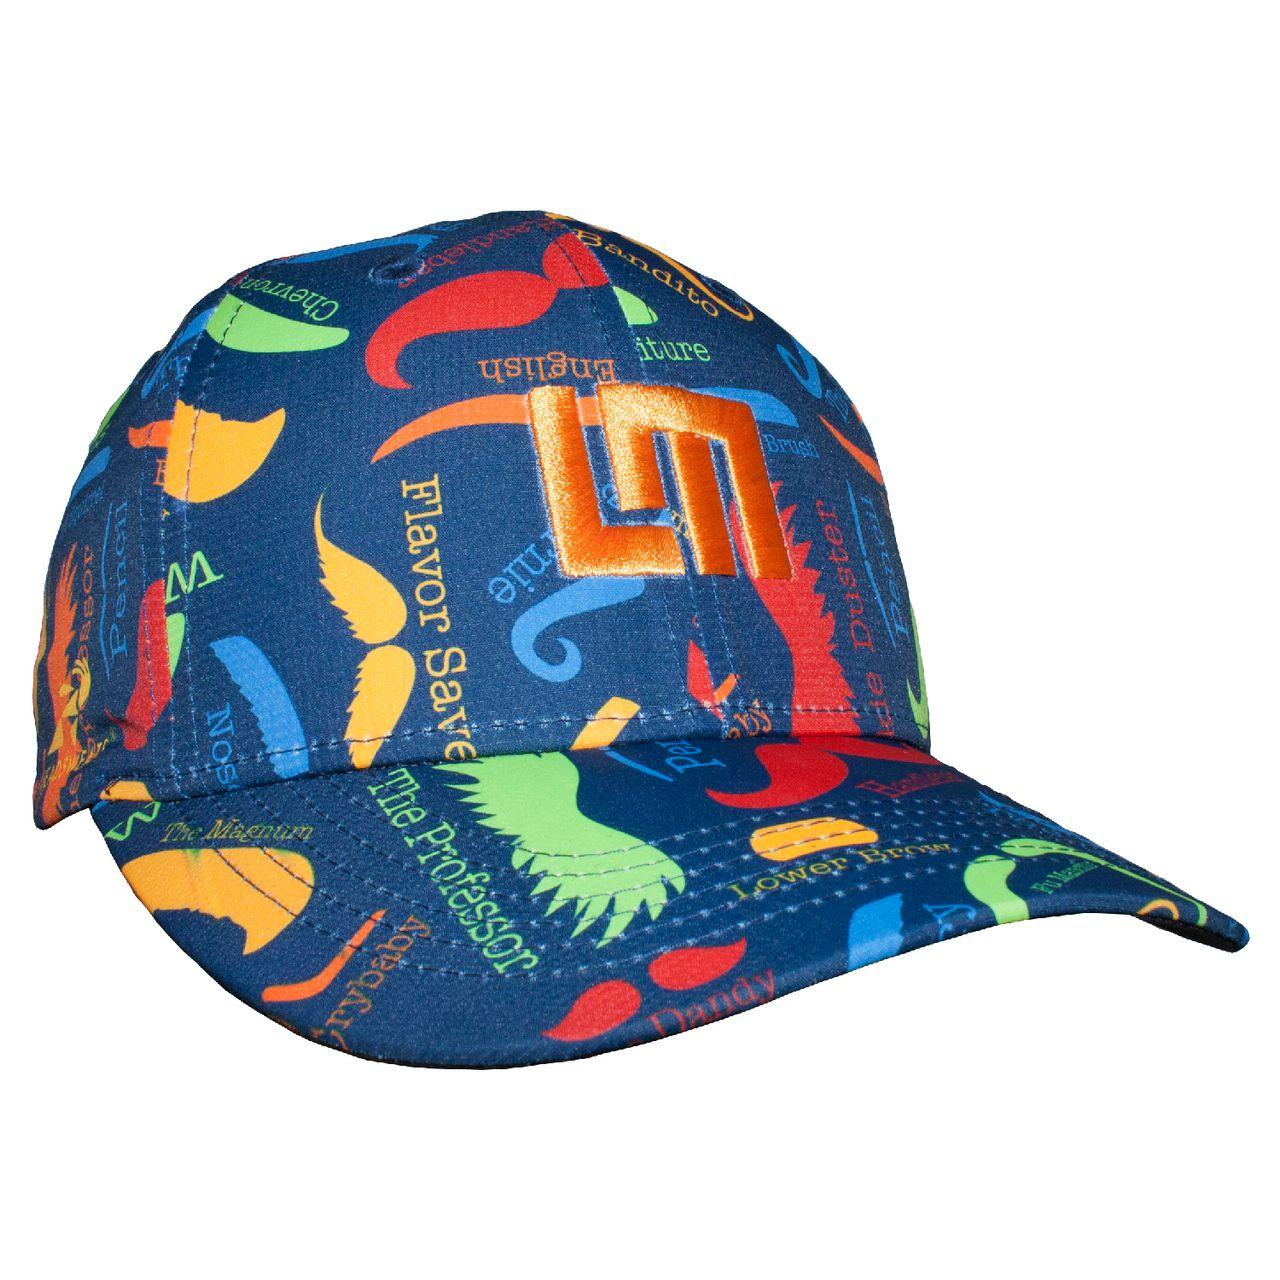 LOUDMOUTH 英國高爾夫服飾品牌-繽紛翹鬍子休閒運動帽